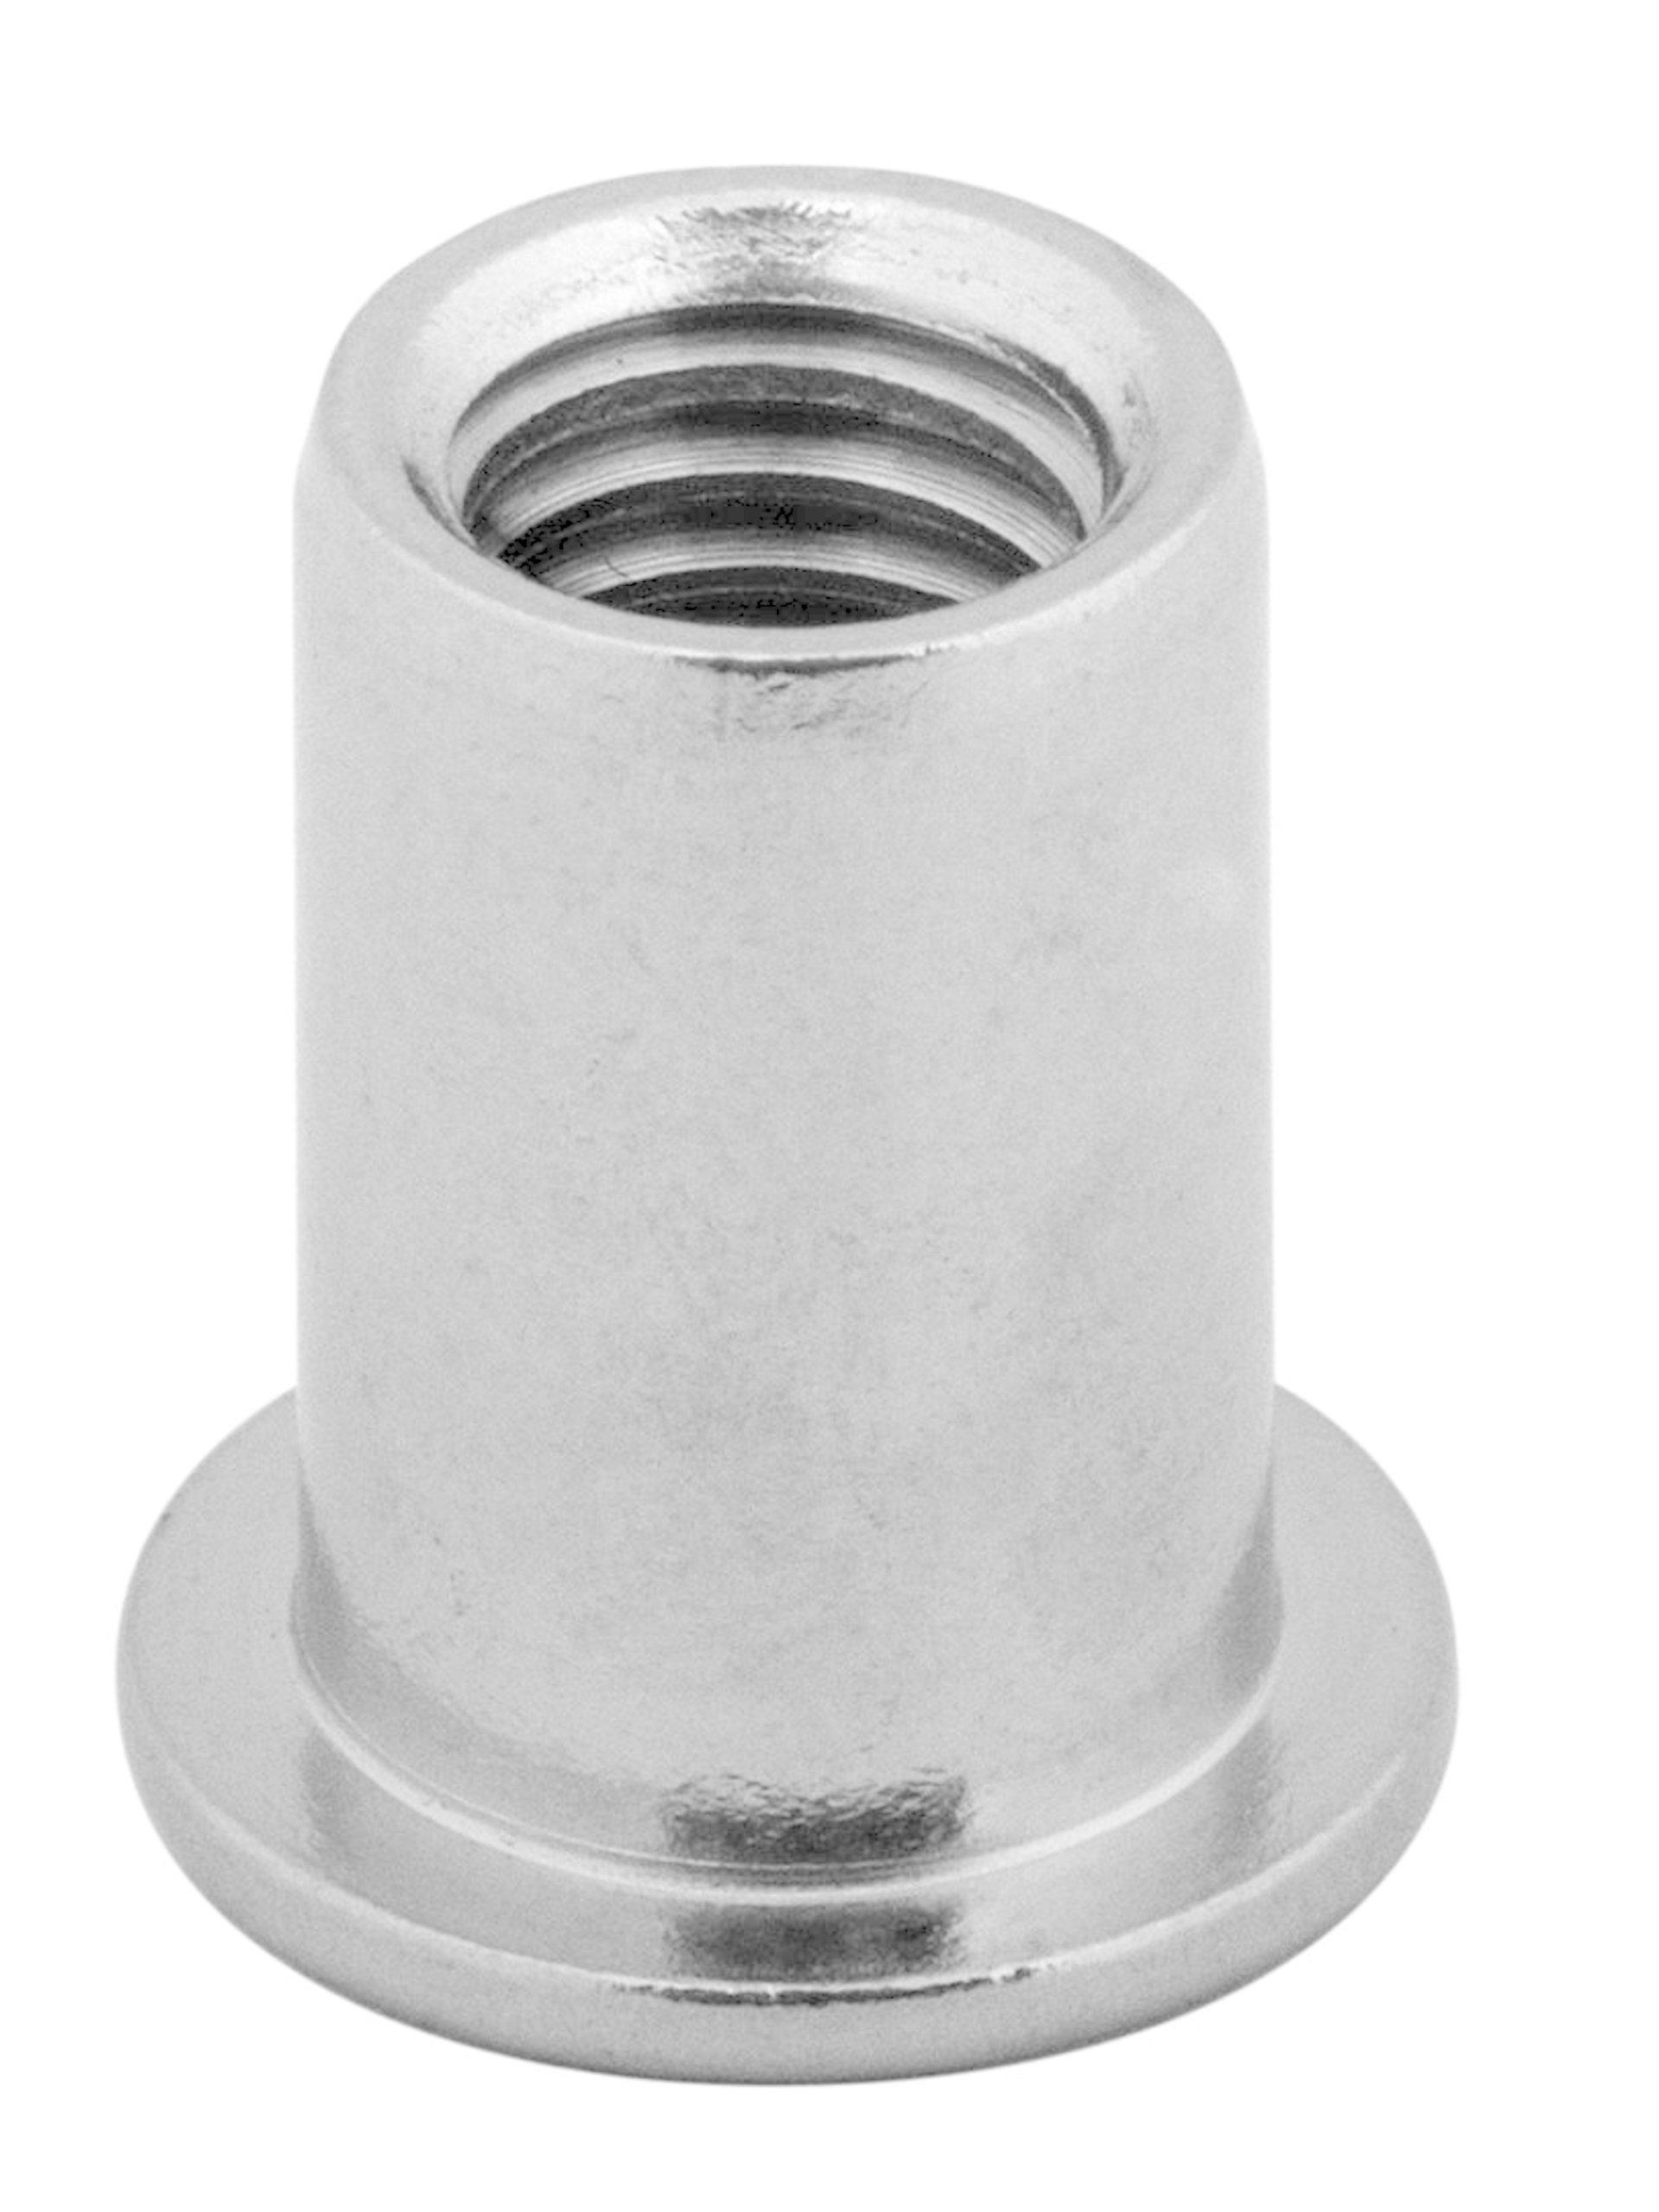 M4 Nitónové skrutky ploché hliníkové hliníkové 10ks